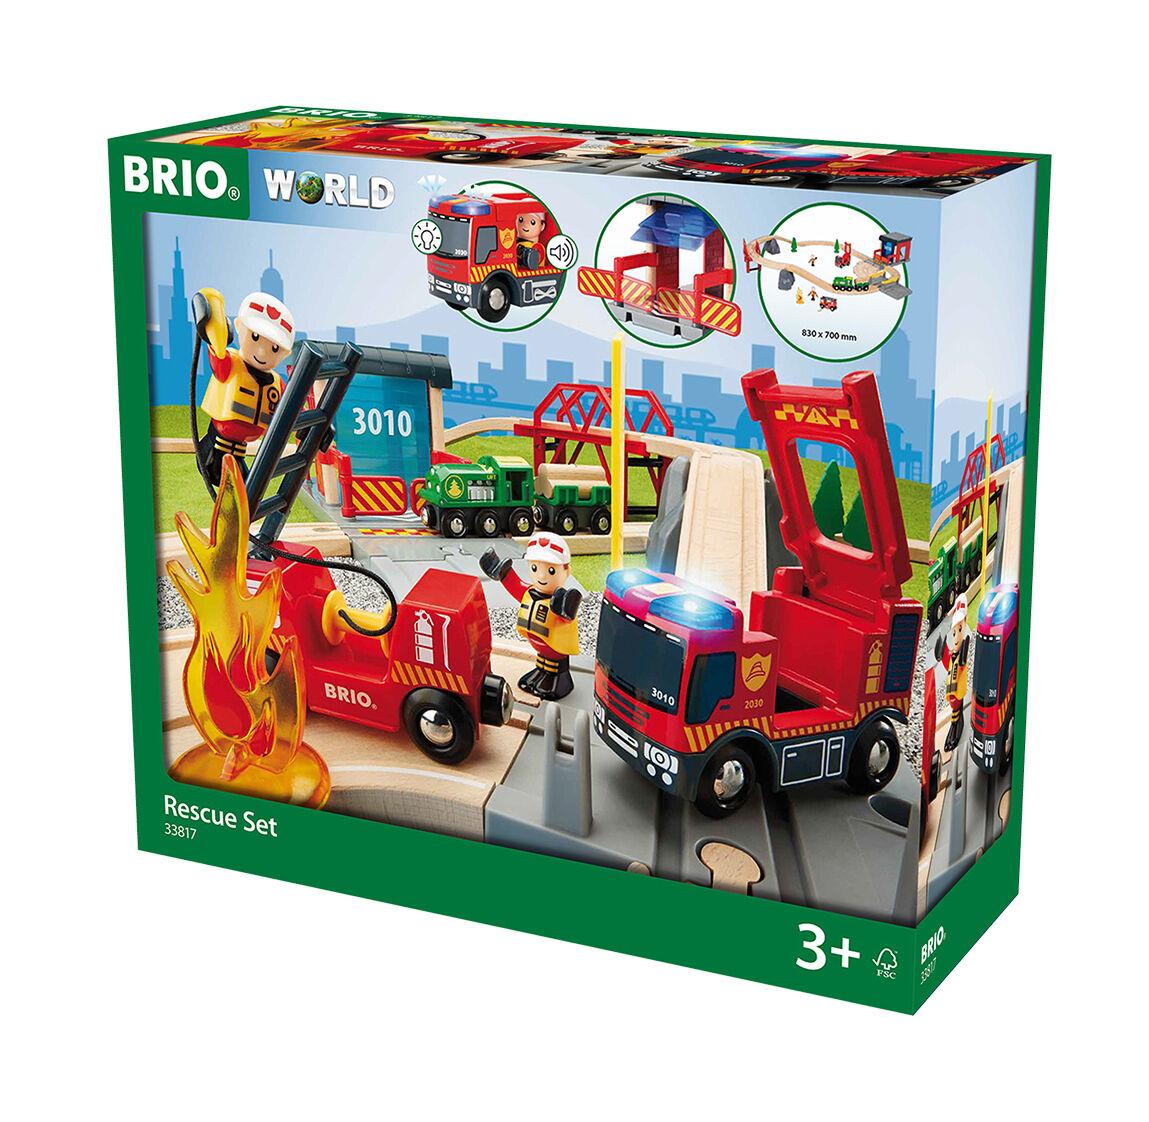 Wooden Railway Feuerwehrset Big Fire Brigade Brigade Brigade Deluxe Set Brio 33817 18e667